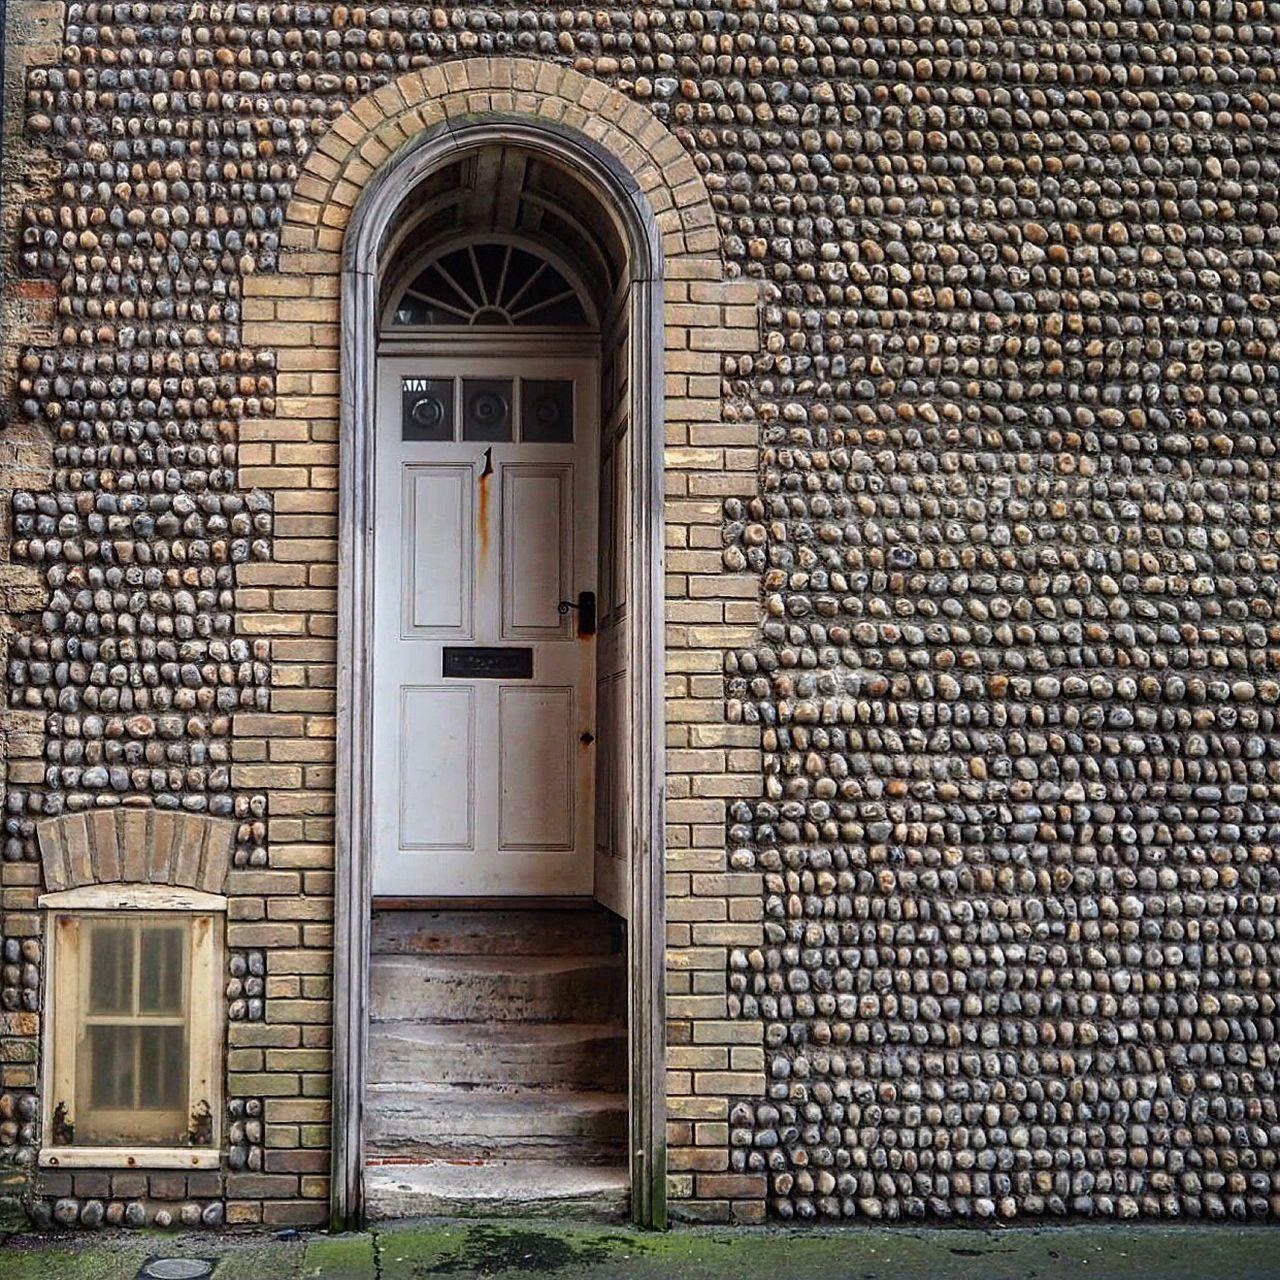 Door Worthing Brickporn Bricks Architecture Flint